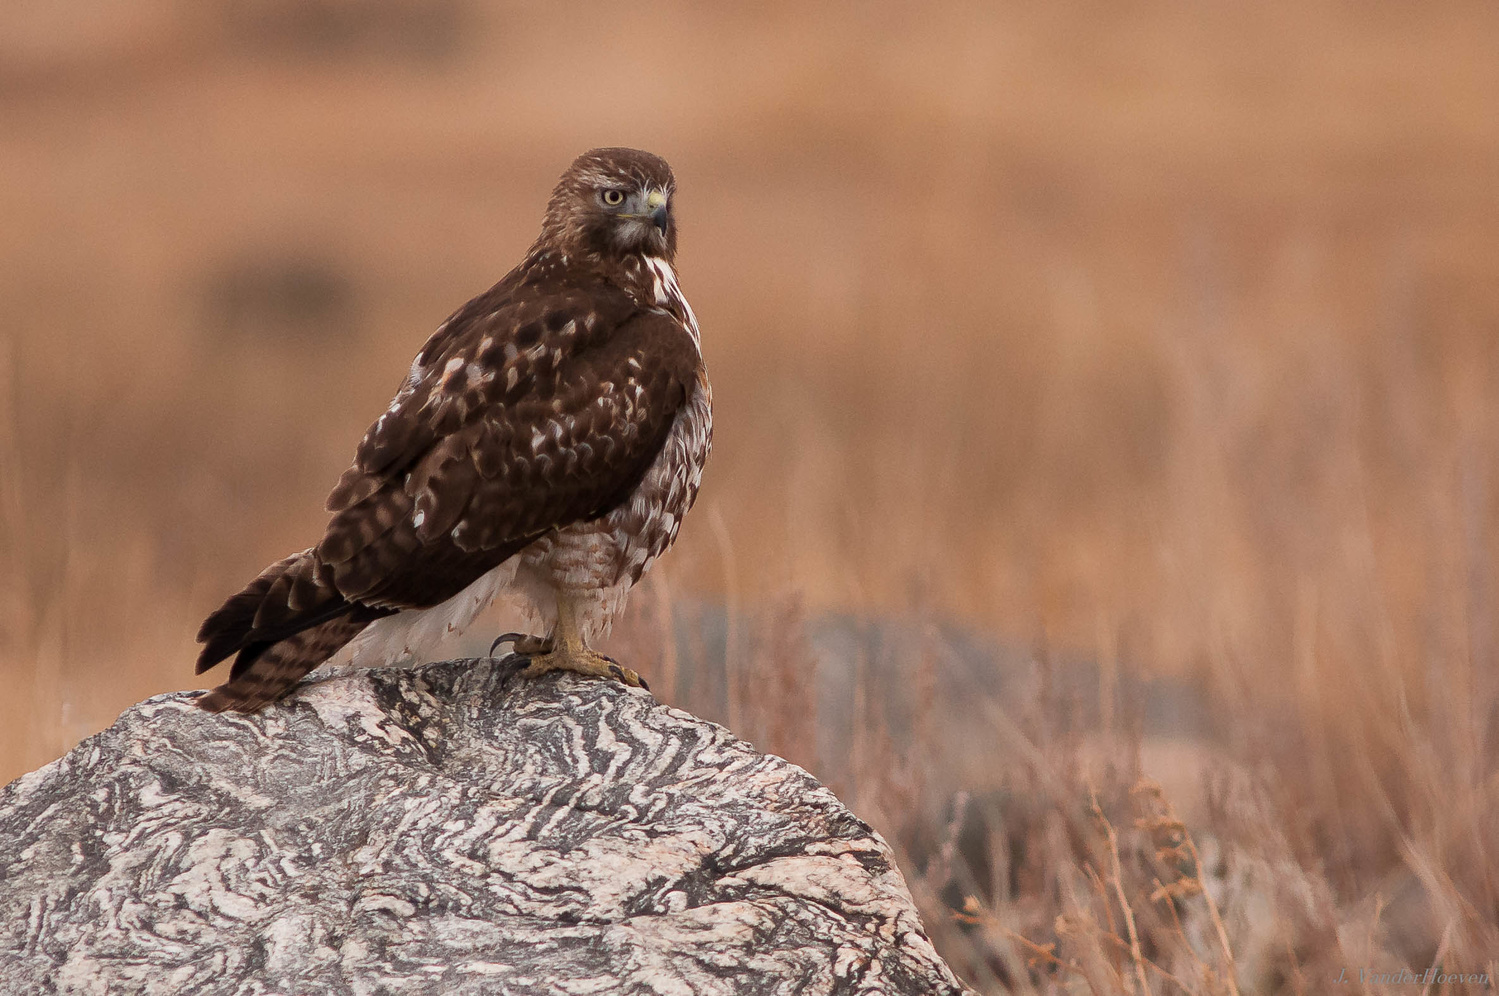 Red Tail Hawk by Jake VanderHoeven